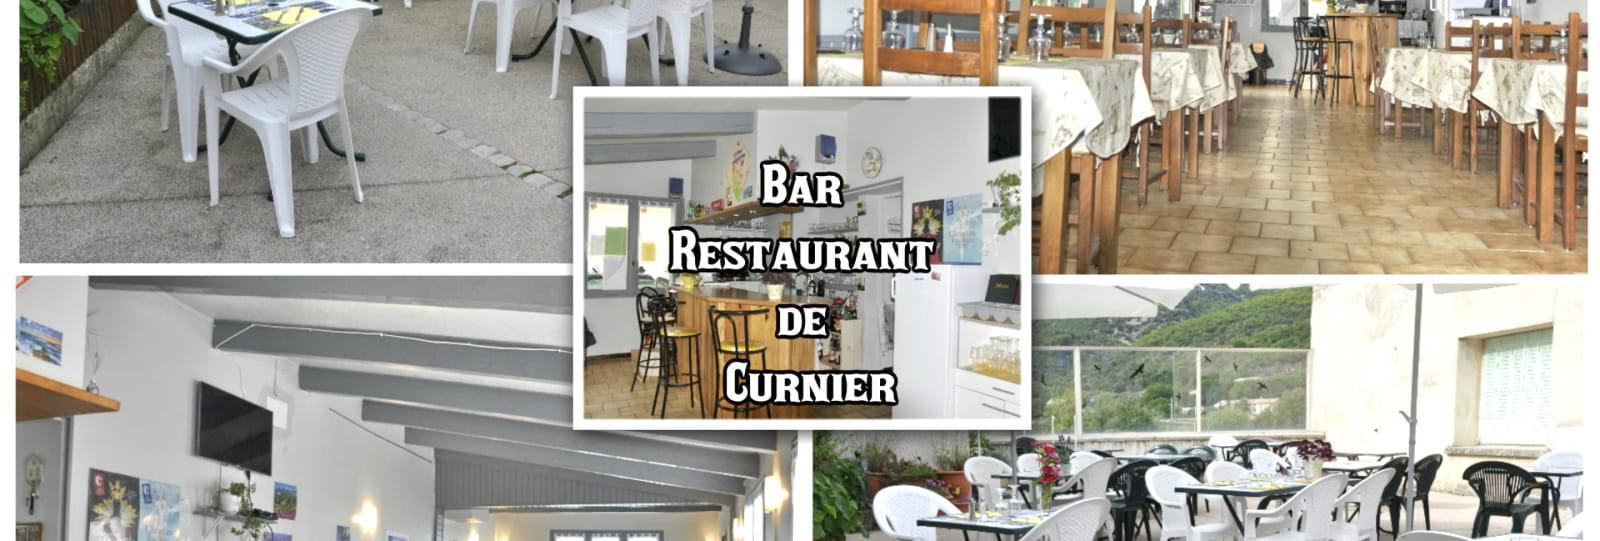 Bar restaurant de Curnier